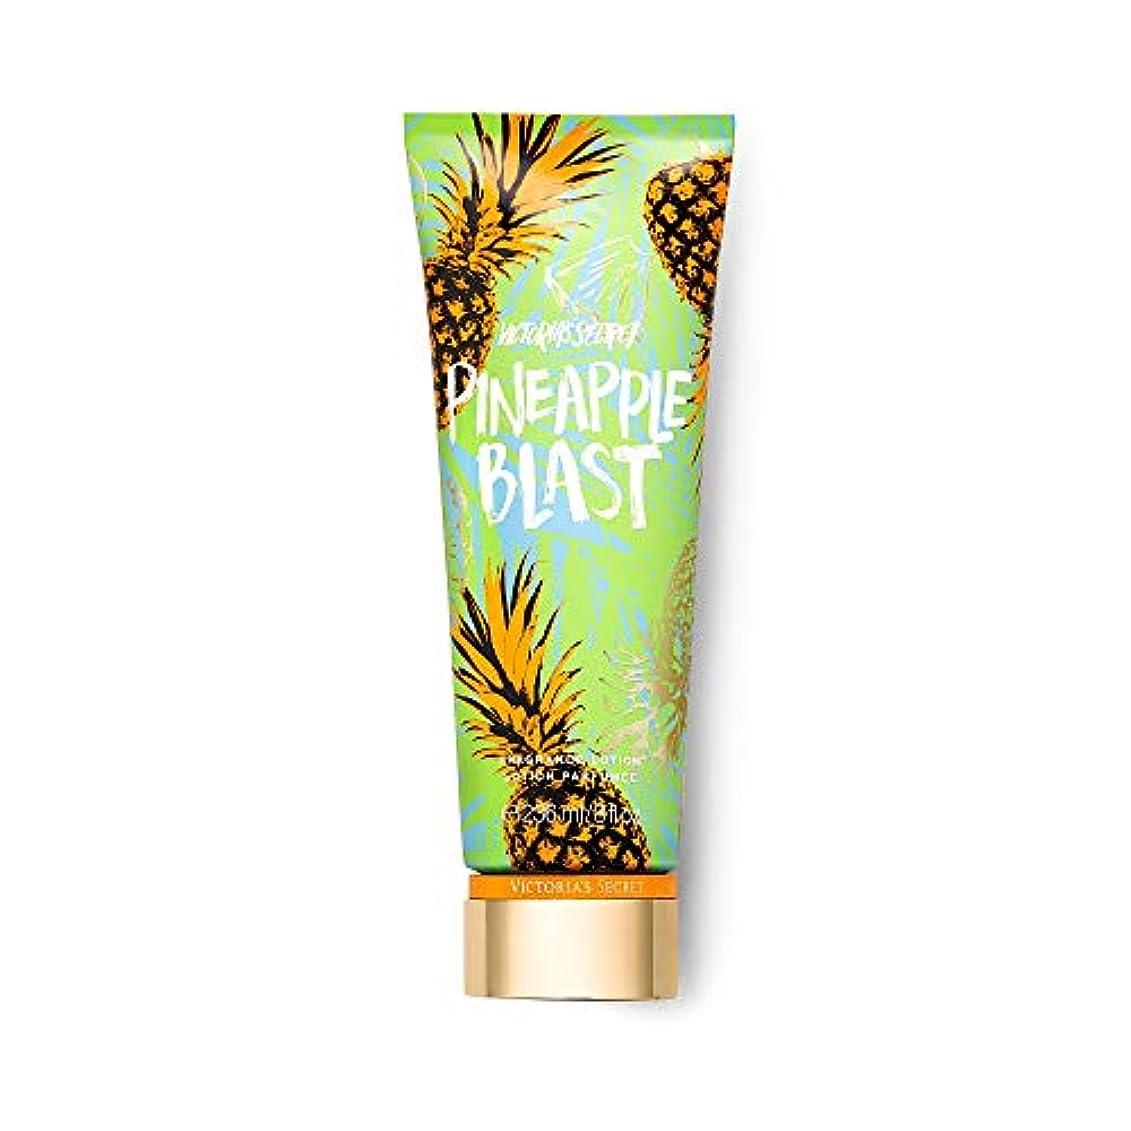 結果アラートベーリング海峡フレグランスローション【限定品?JuiceBarCollection】 Victoria'sSecret Fantasies FragranceLotion ヴィクトリアズシークレット (3.パイナップルブラスト/PineappleBlast) [並行輸入品]